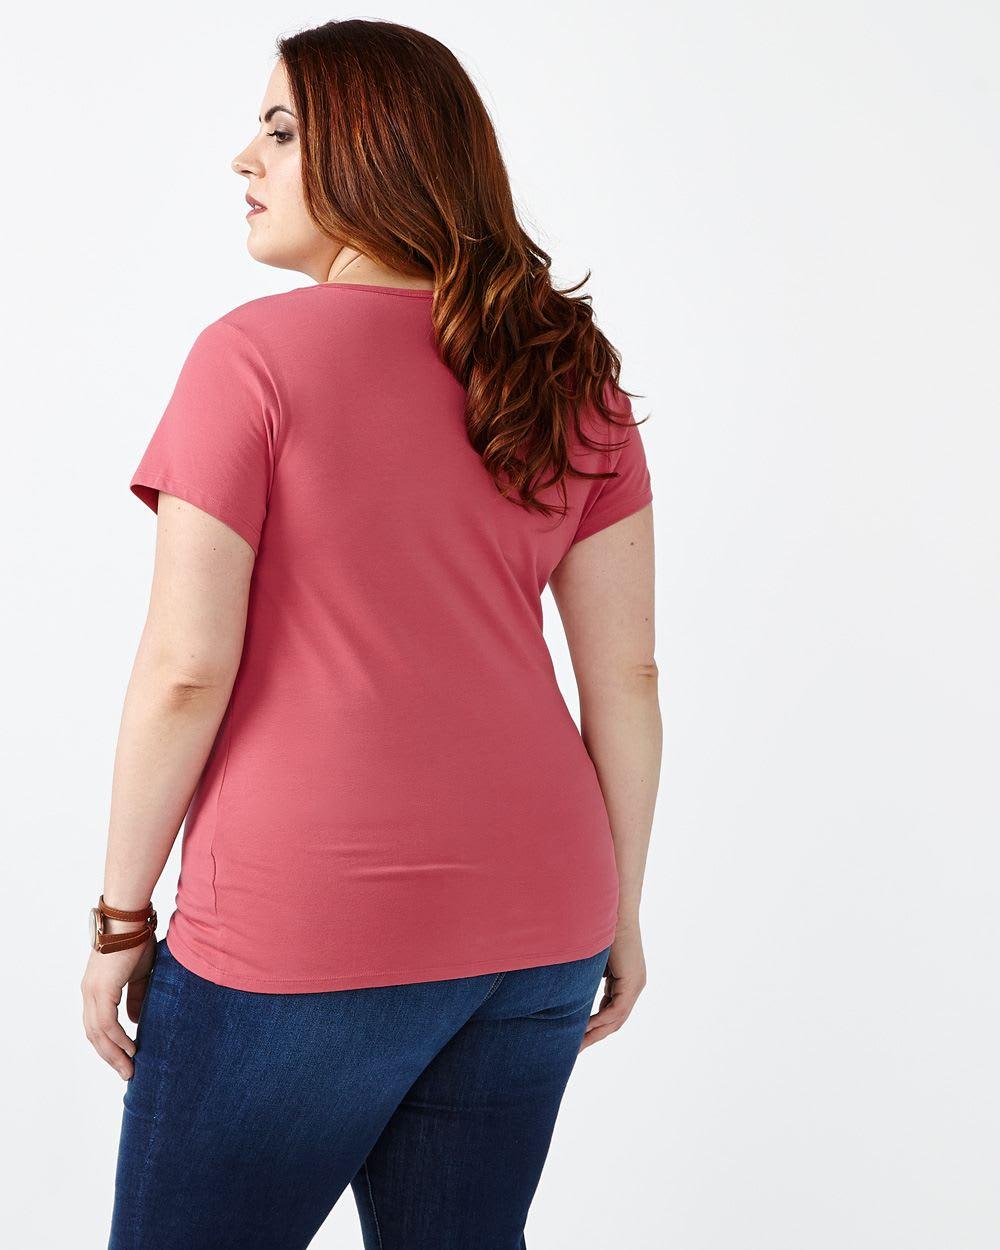 Form Fit V-Neck T-Shirt